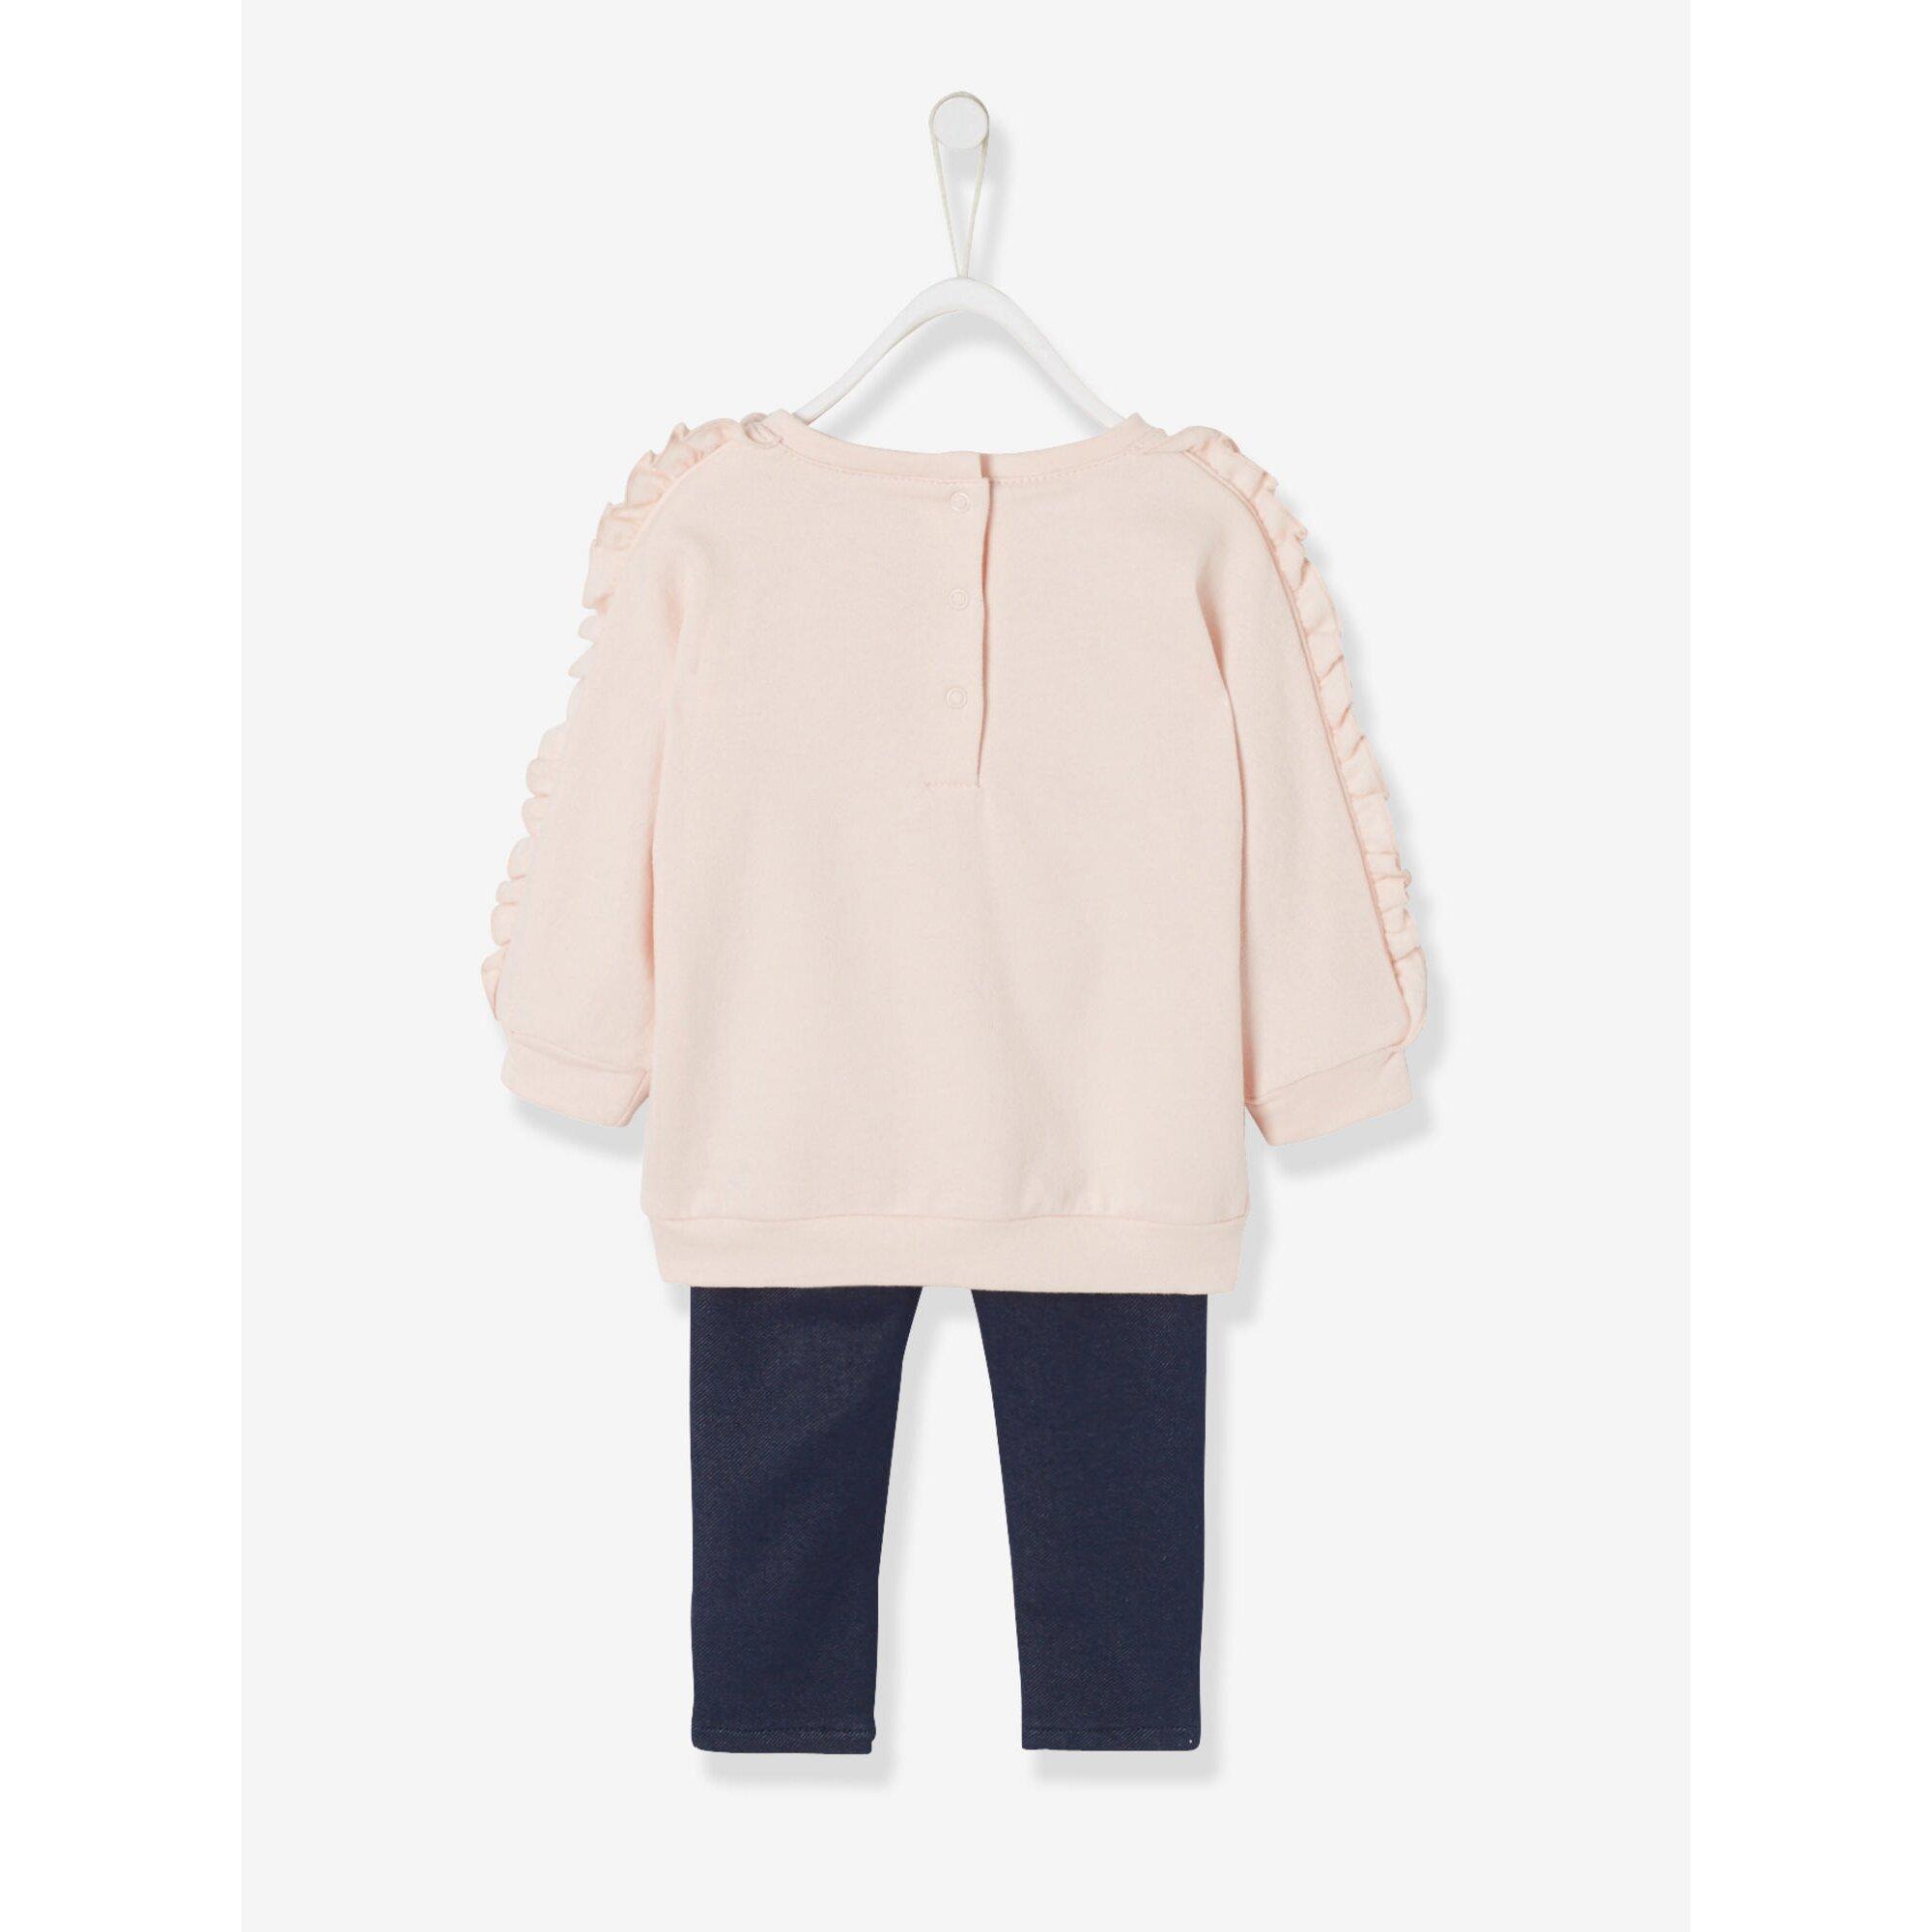 vertbaudet-babyset-aus-sweatshirt-und-leggings